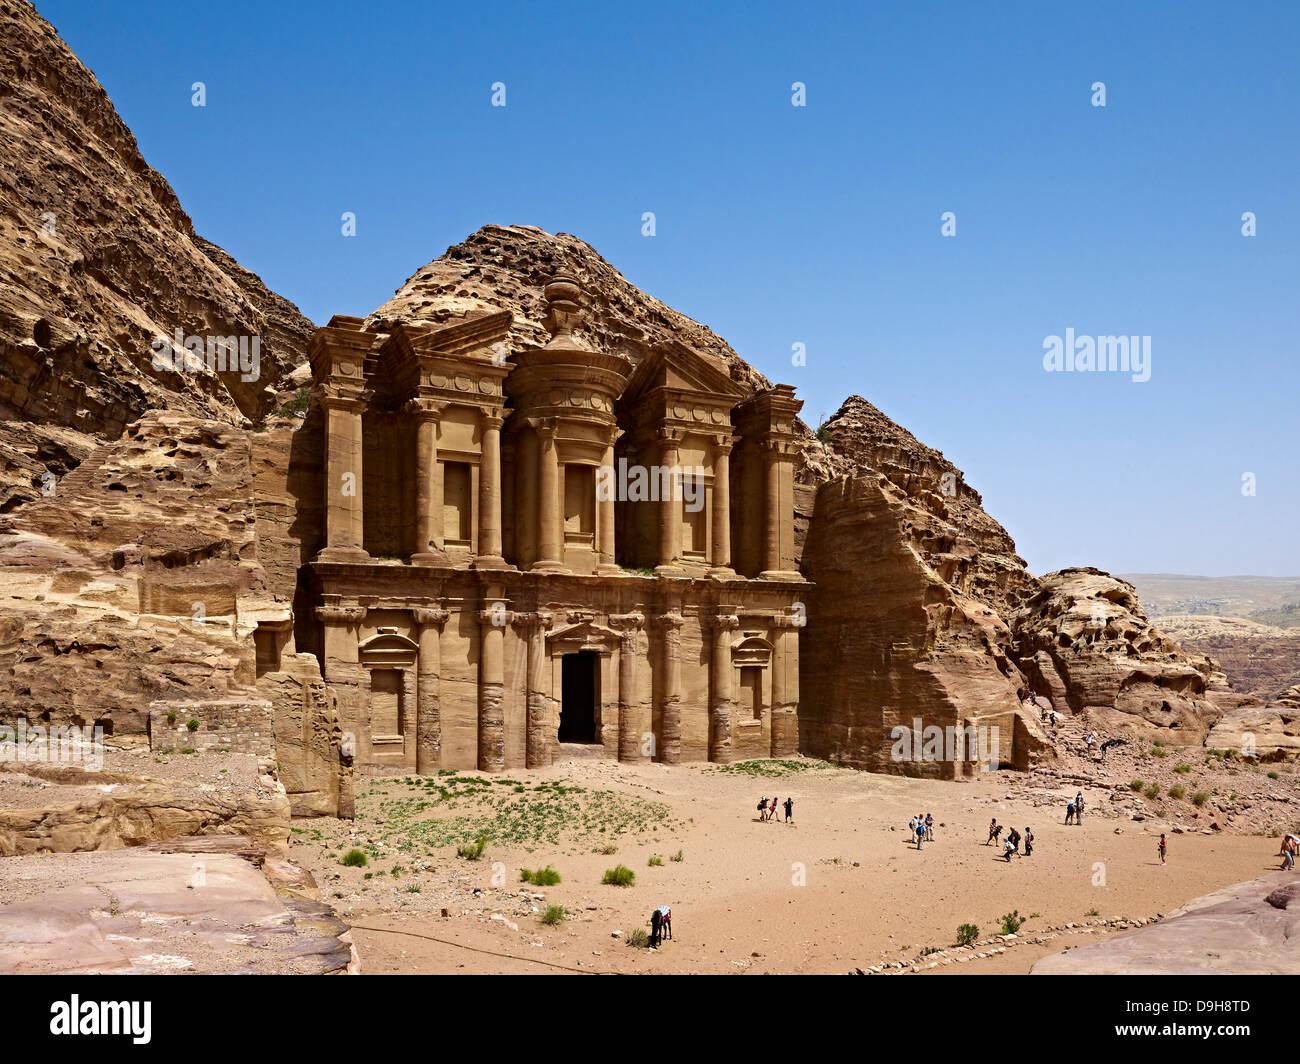 Rock ad-grave Deir ou monastère à Petra, Jordanie, Moyen-Orient Photo Stock